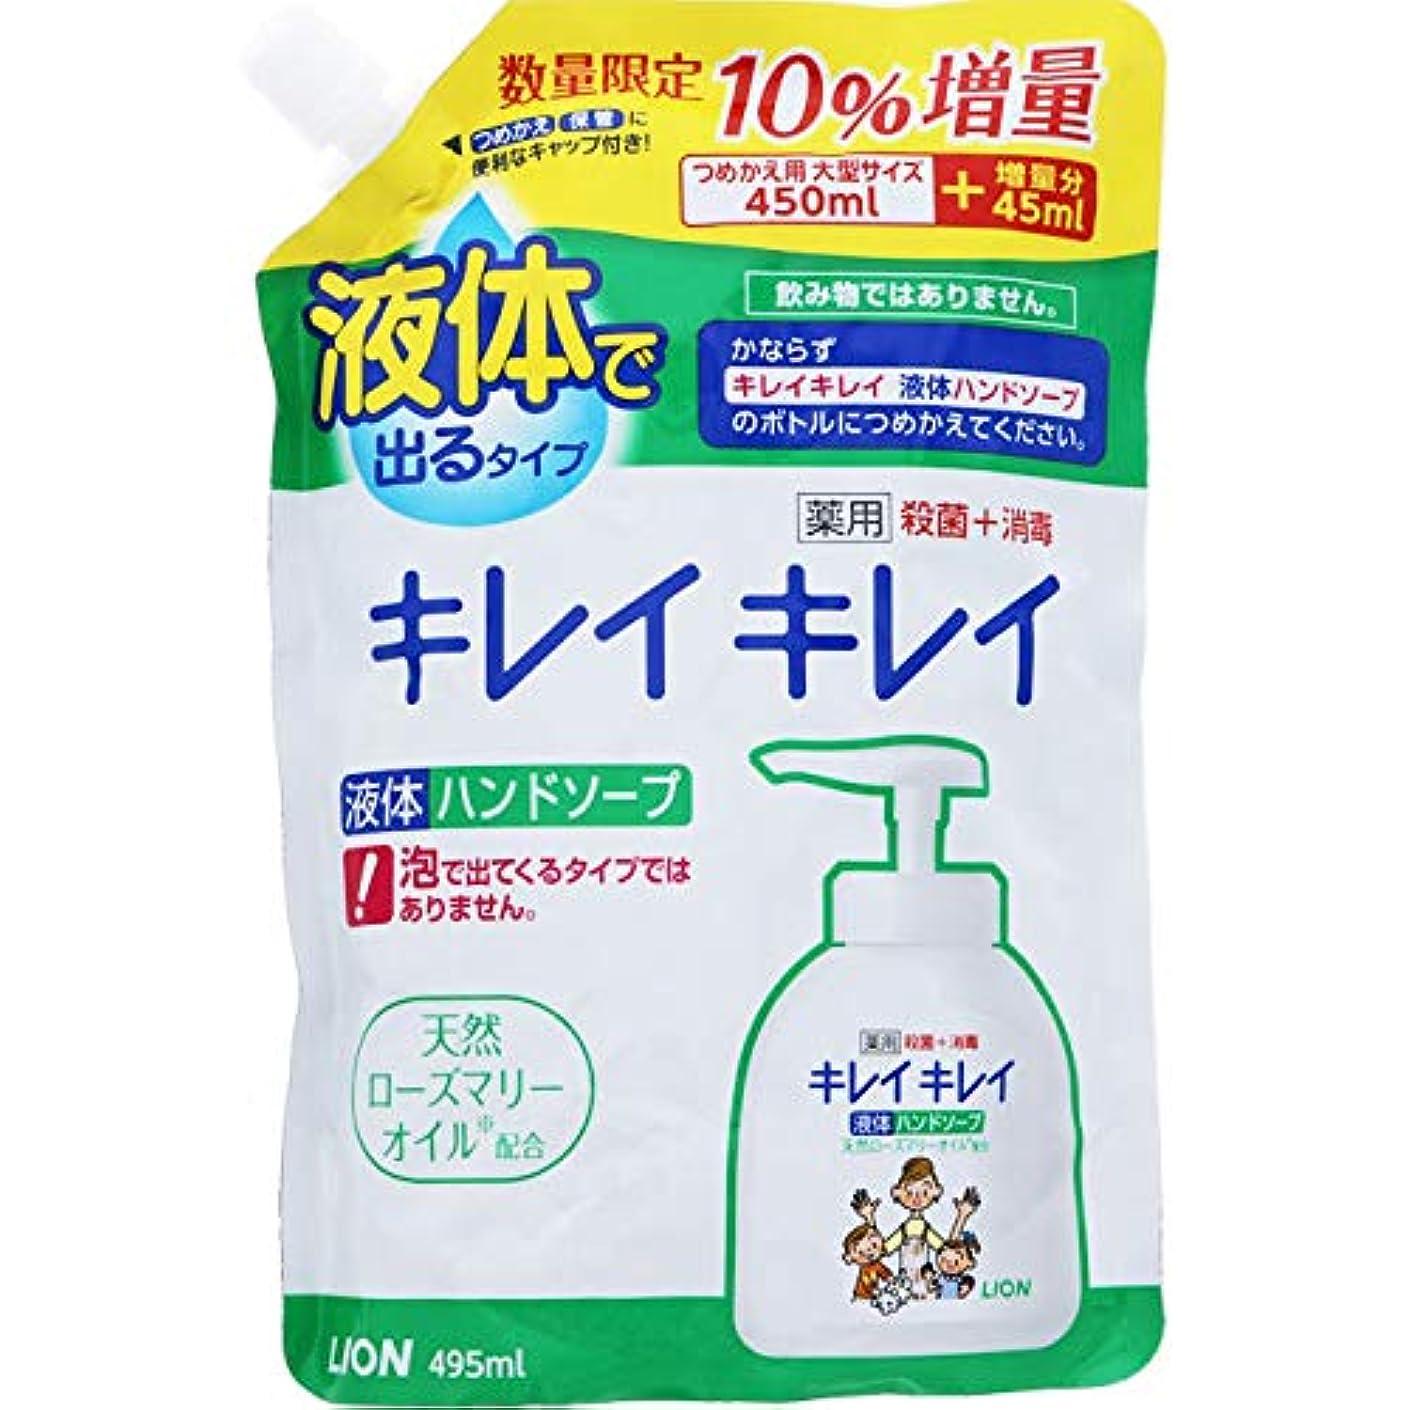 ペーストウミウシアクロバットライオン キレイキレイ 薬用ハンドソープ 詰替用大型増量 450+45ml